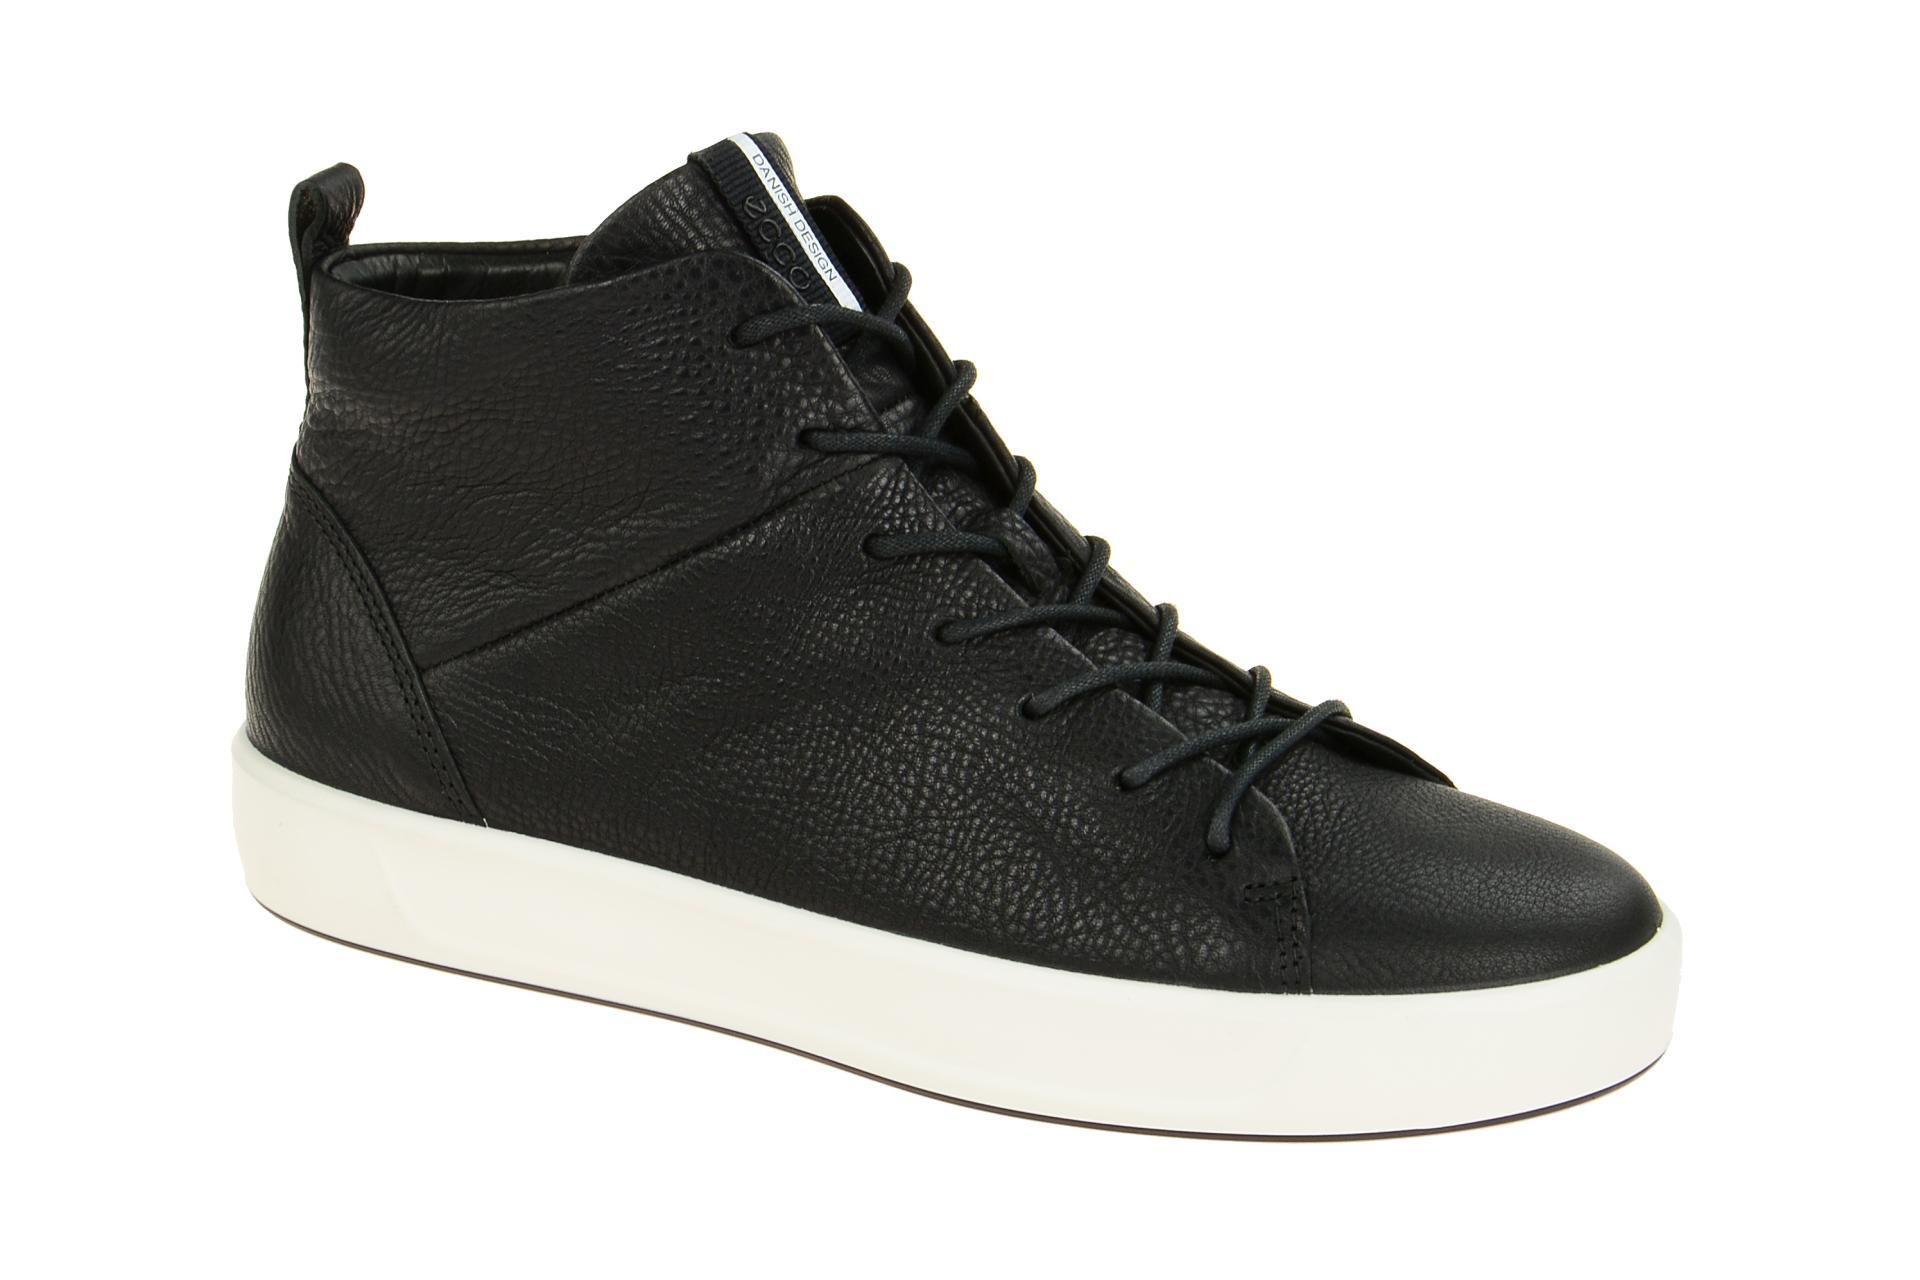 b63db844736e61 Ecco Soft 8 Ladies Stiefel schwarz weiß - Schuhhaus Strauch Shop